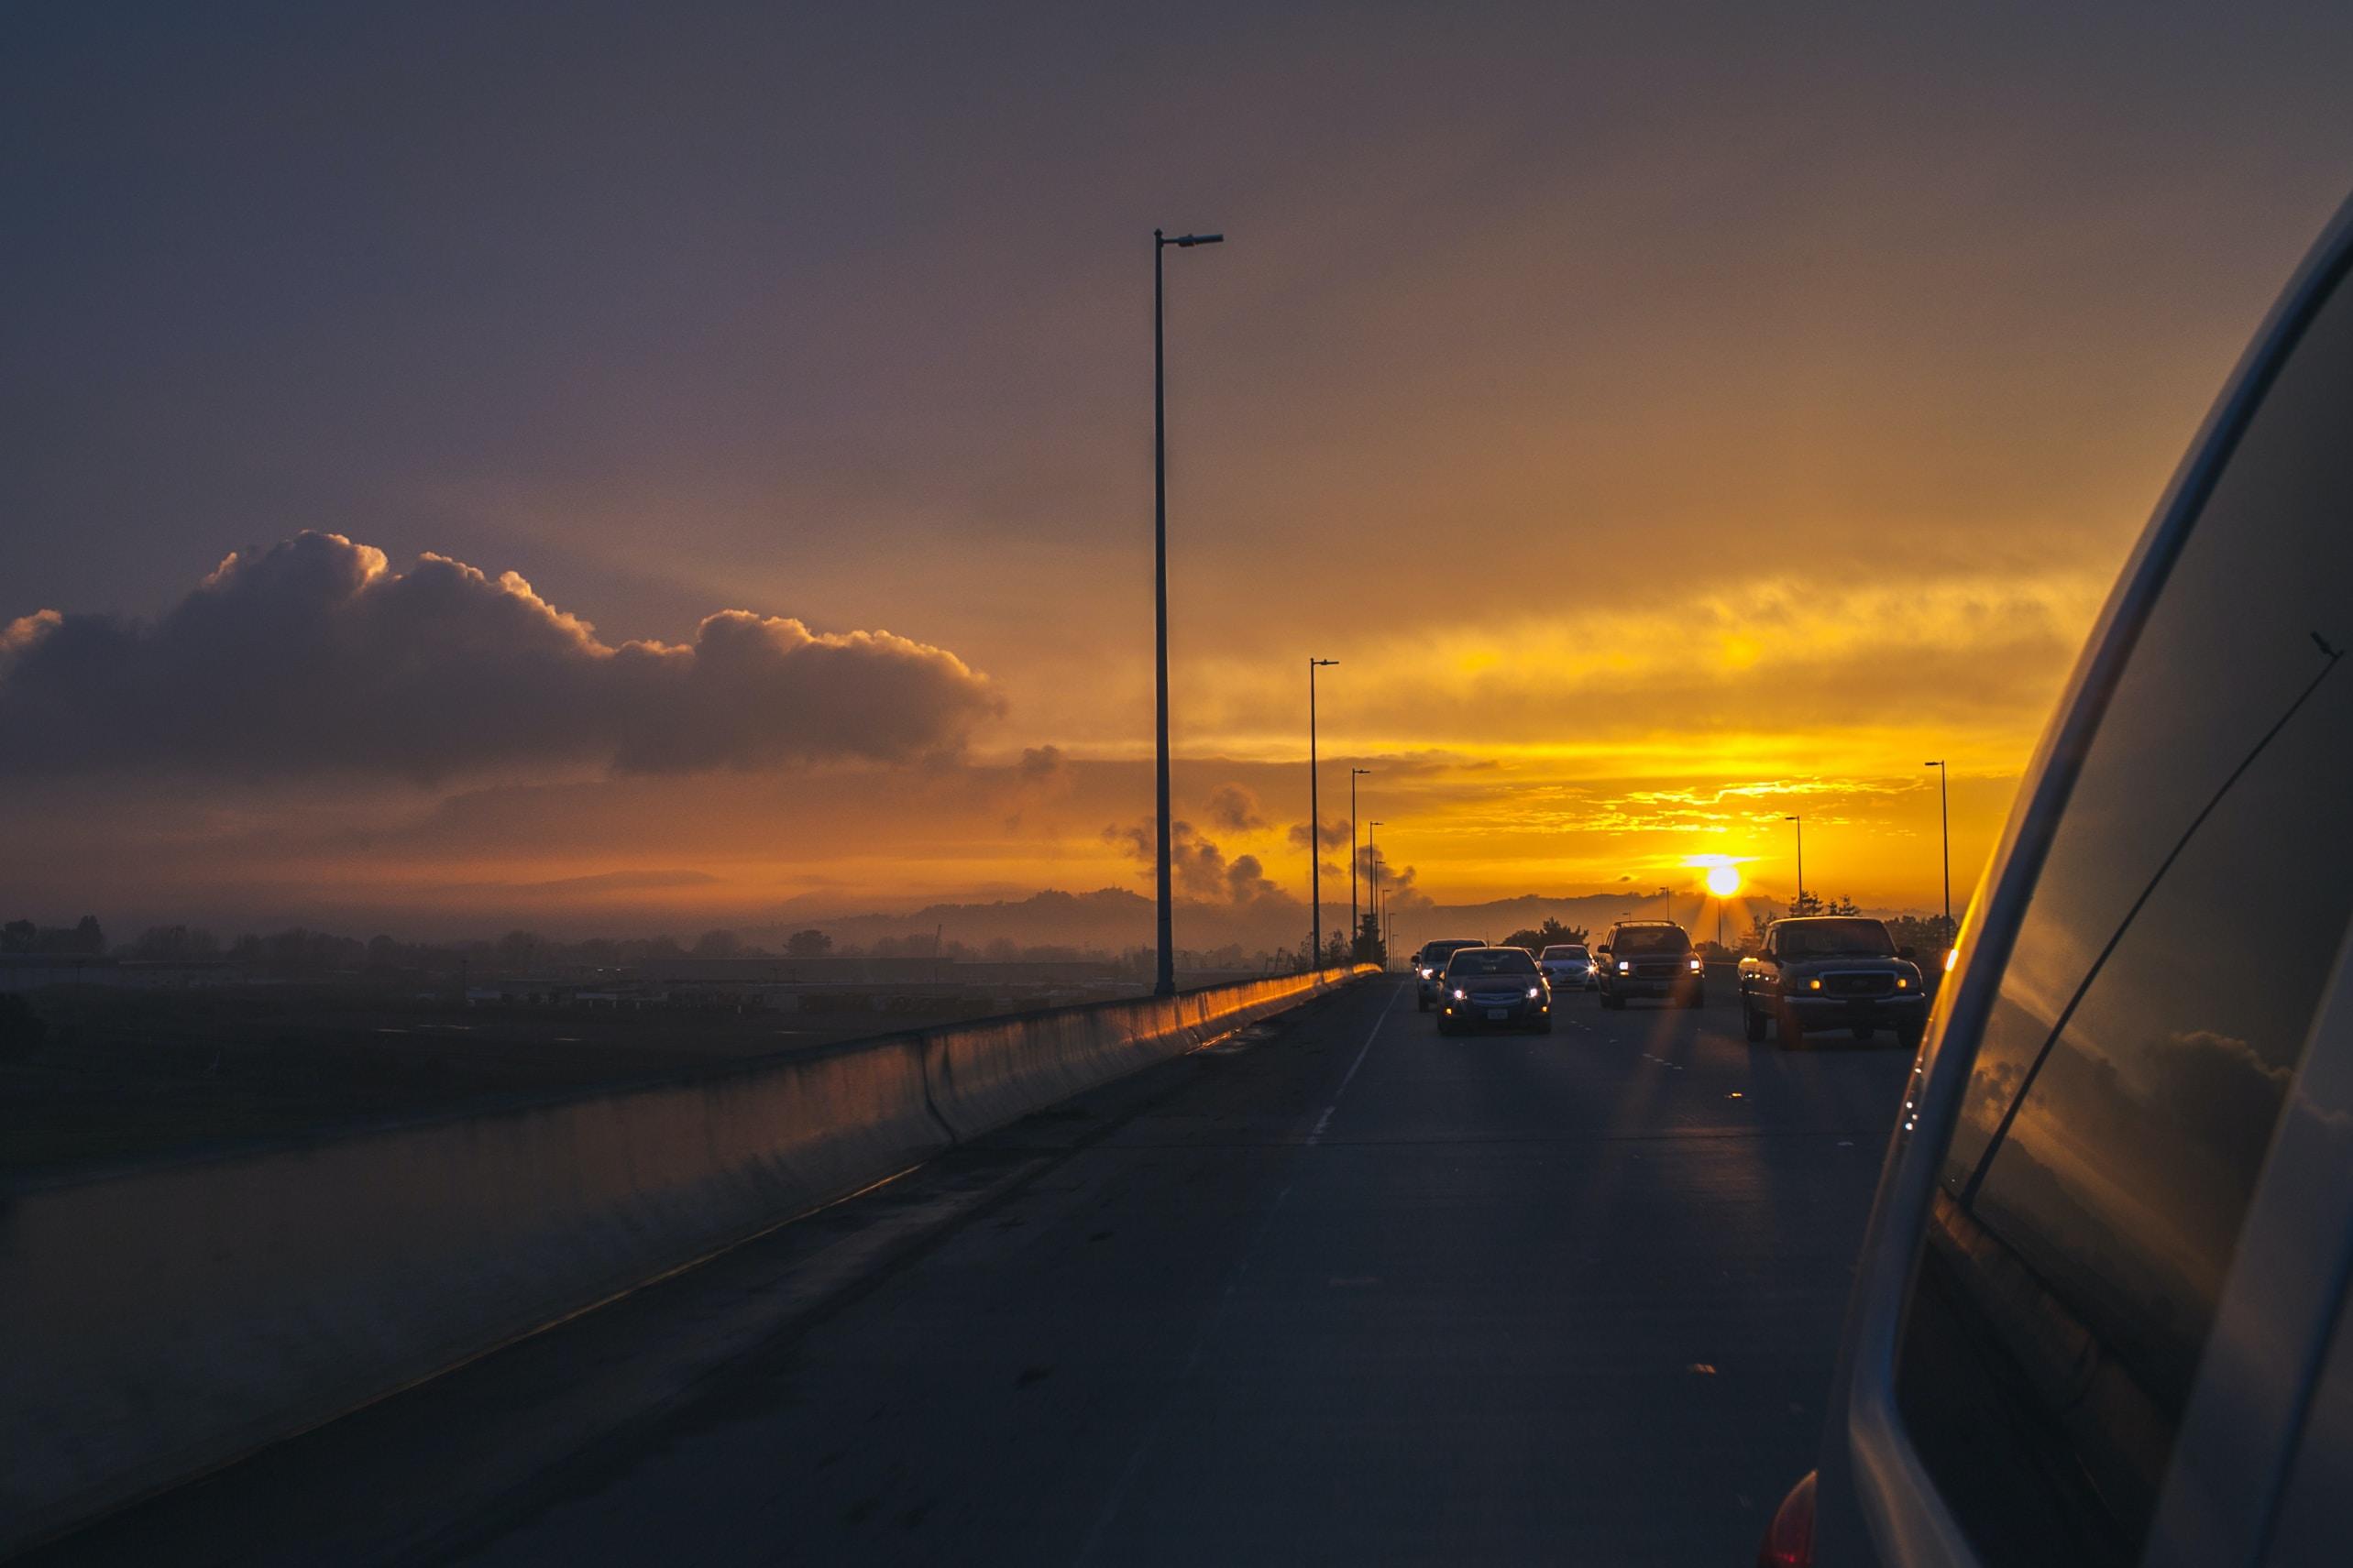 Sun sets behind a car in freeway traffic.